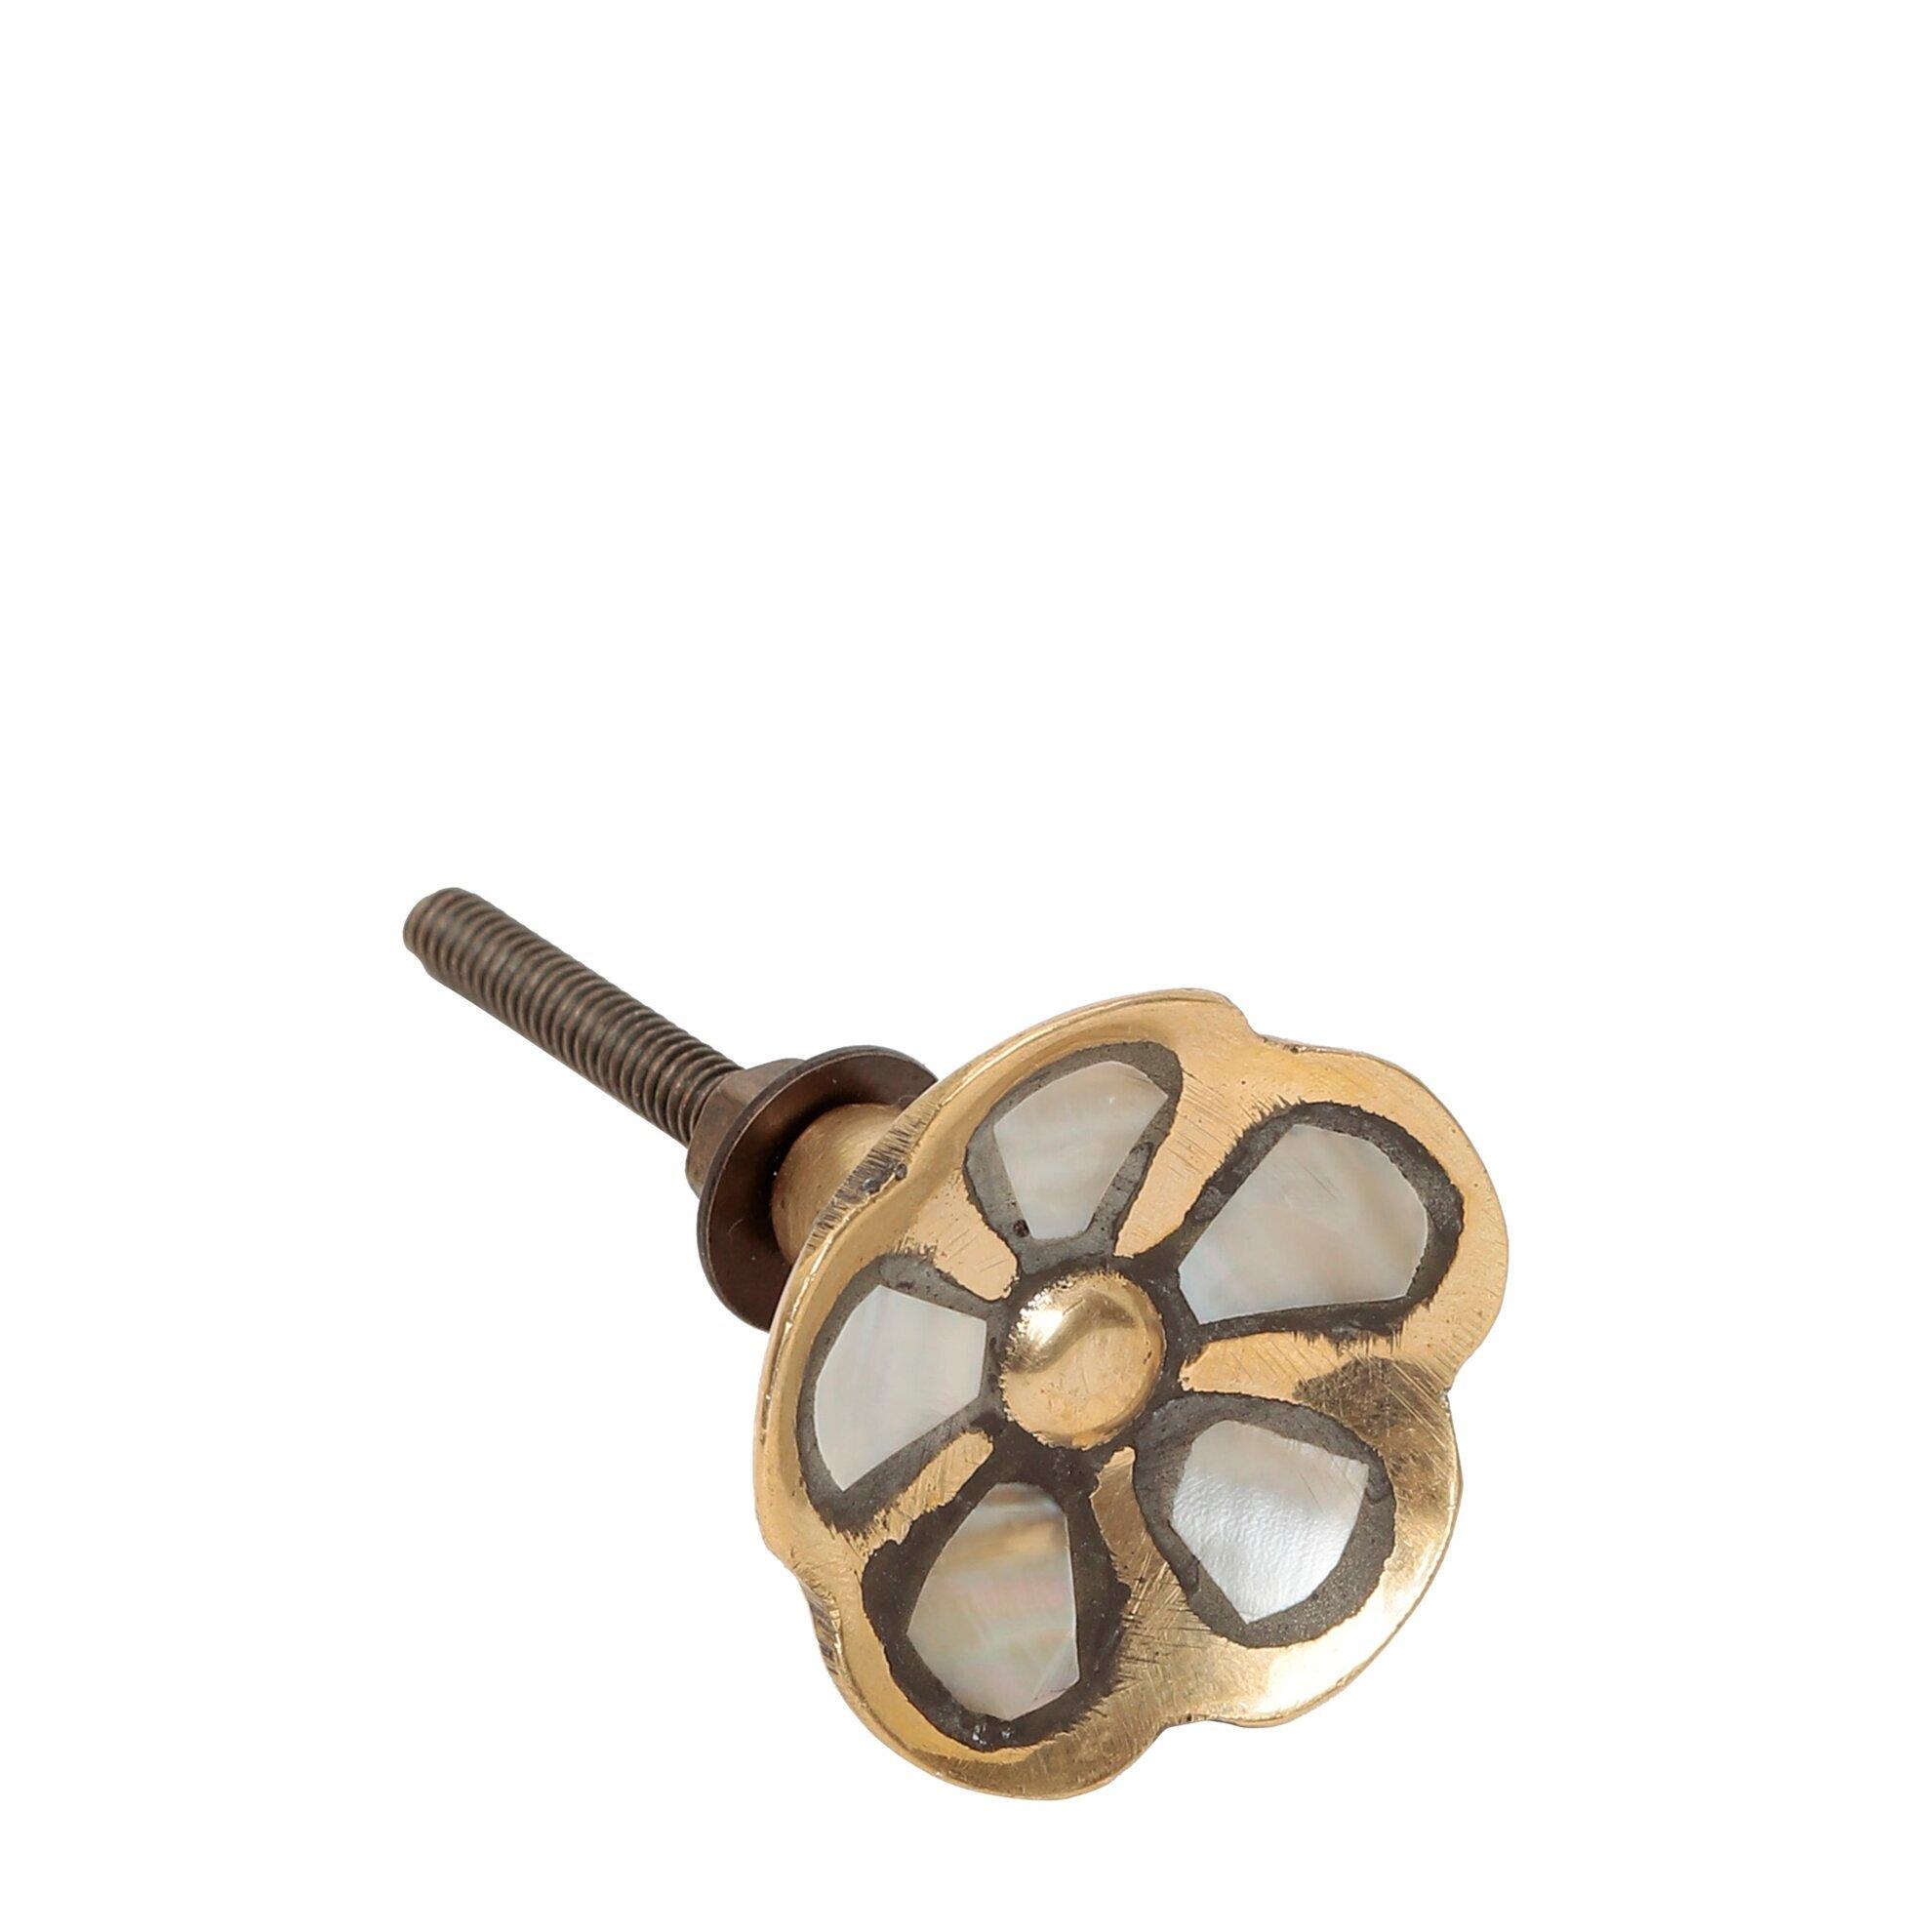 Çekmece Kulbu (7,62x6,62cm)